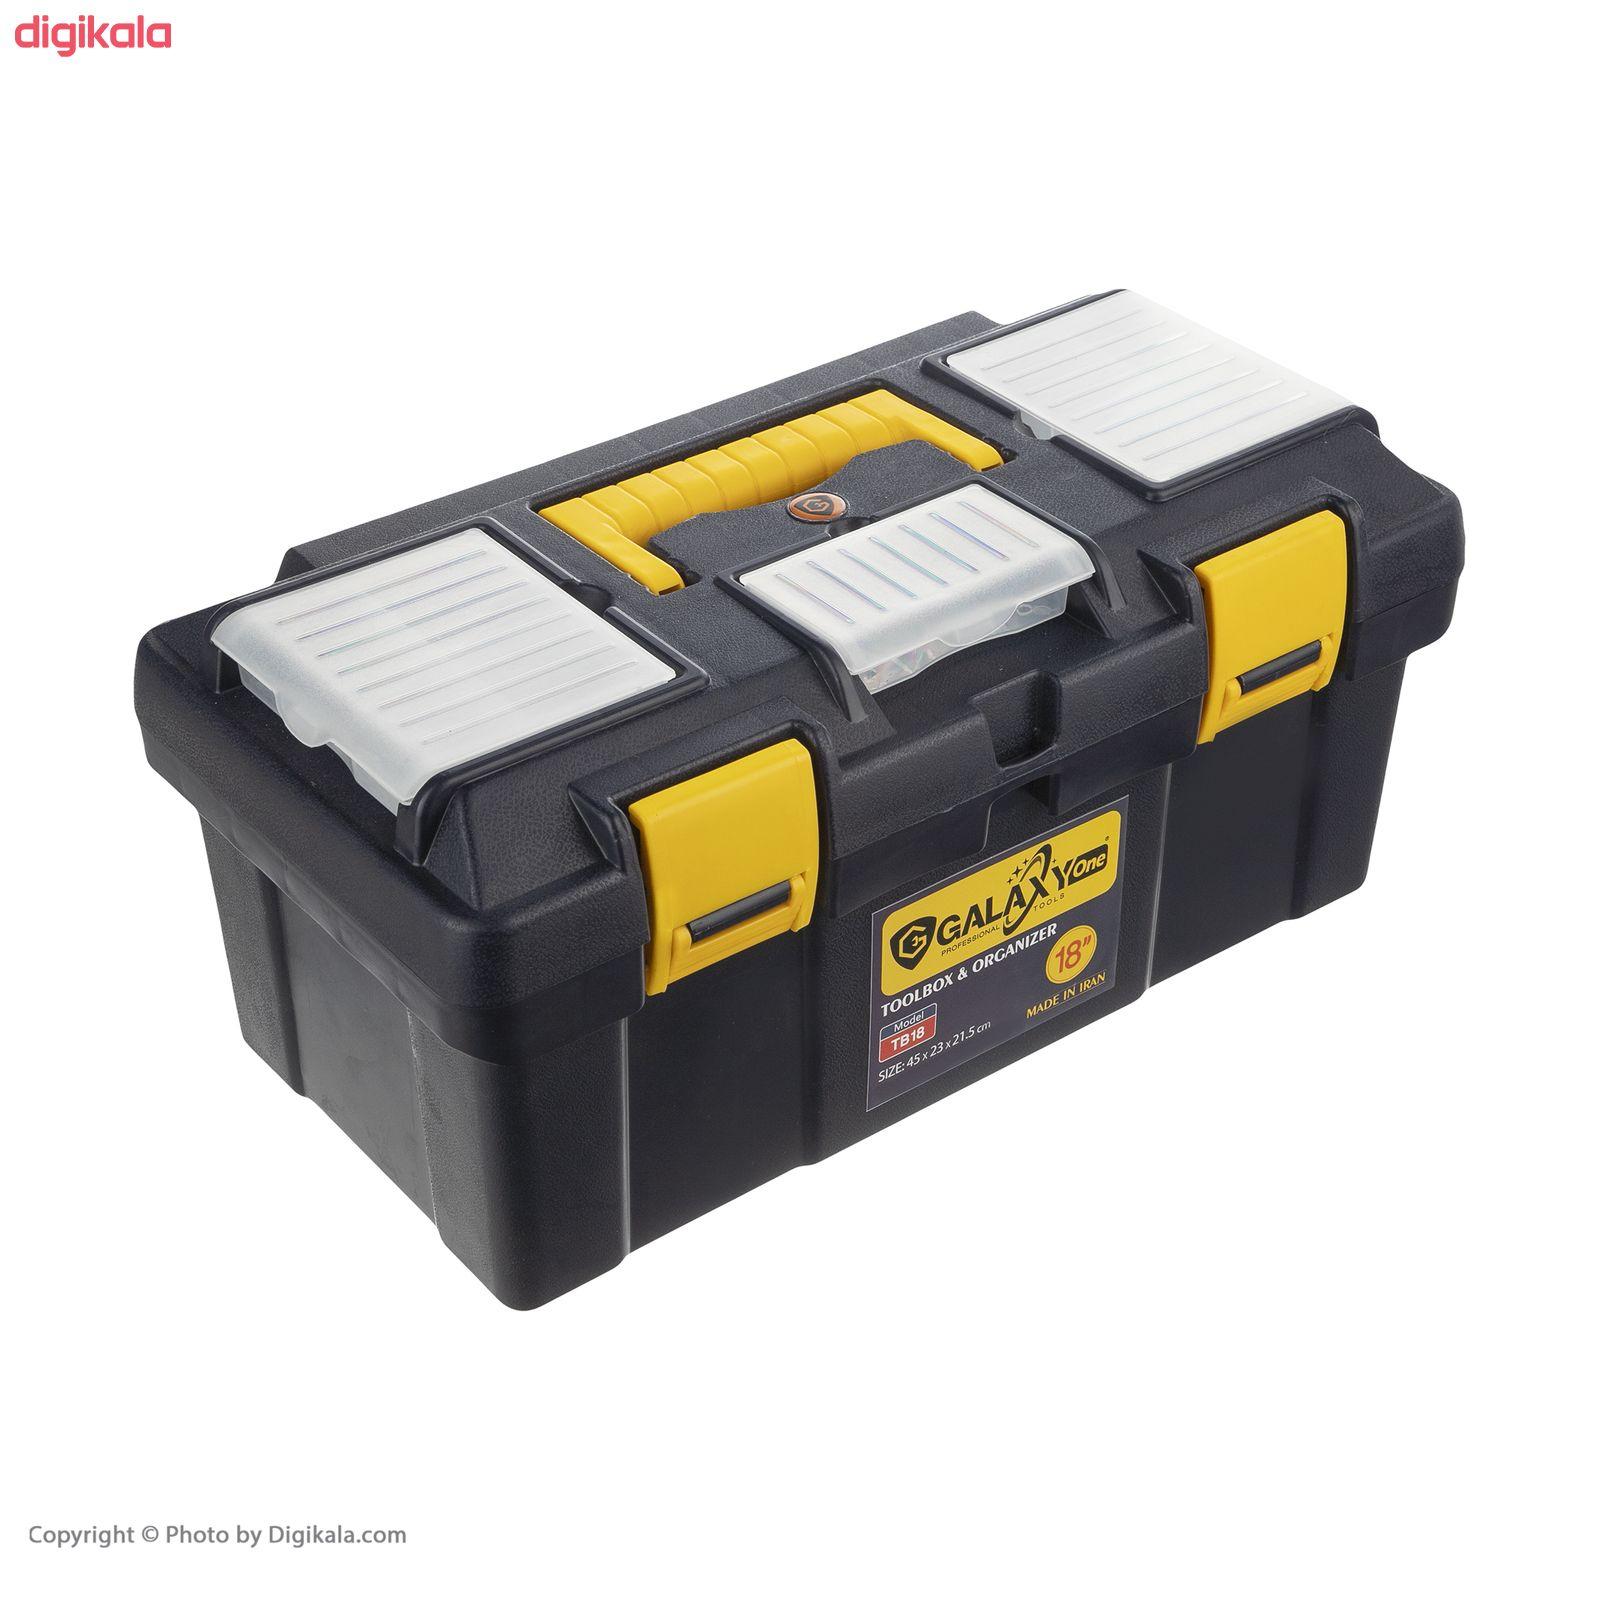 جعبه ابزار گلکسی وان مدل TB18 main 1 3